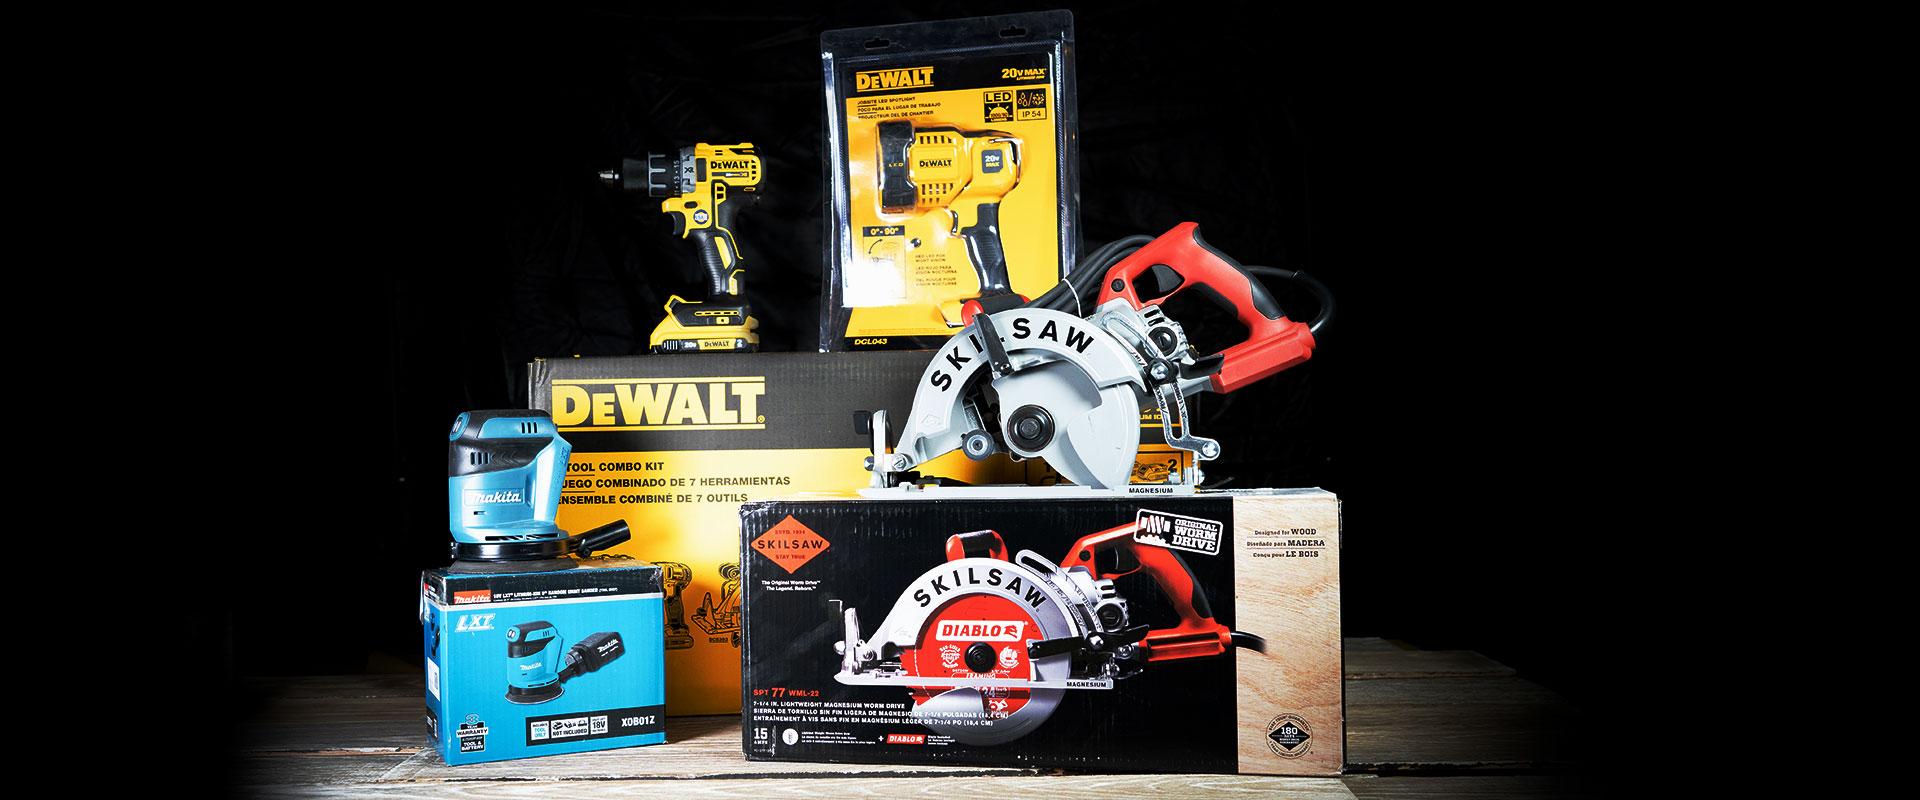 Assorted Tools Dewalt, Makita, etc.